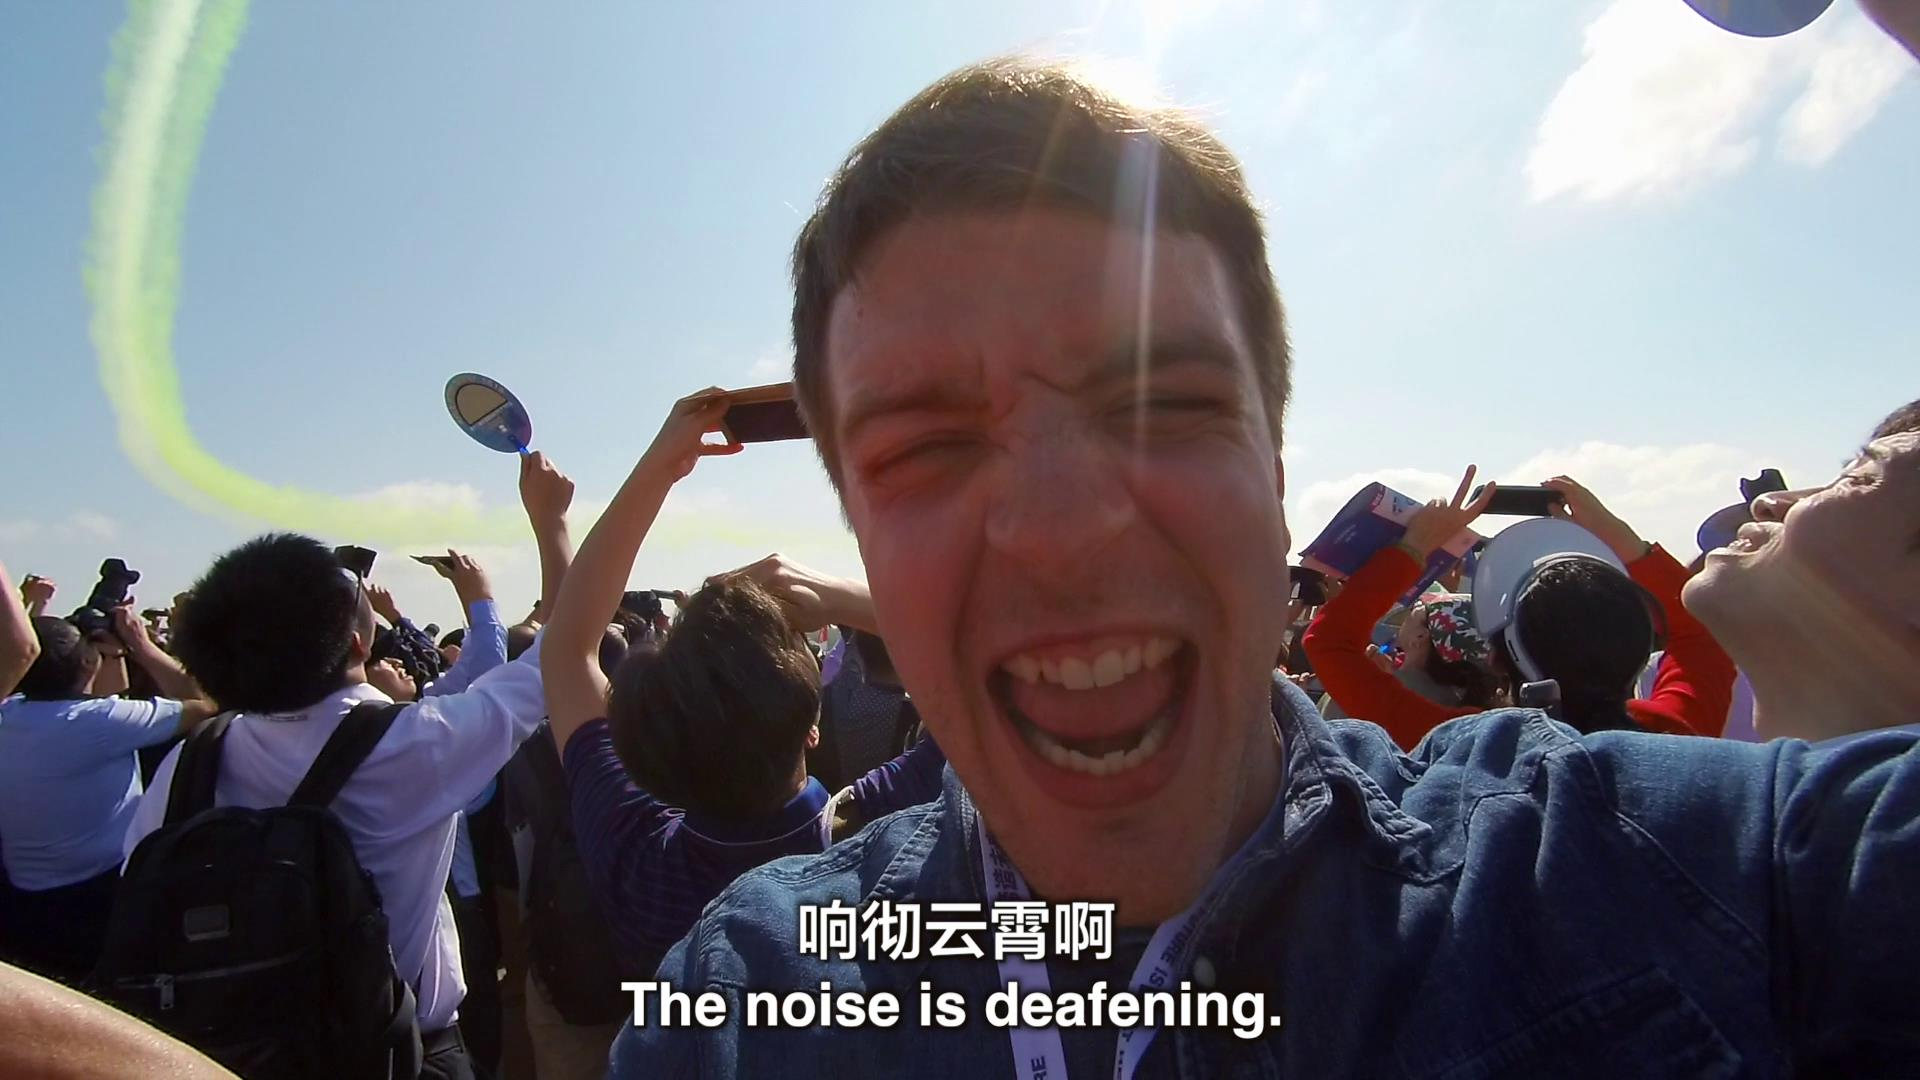 《【中國熱詞】殲20太帥了!英國小哥哥看珠海航展》圖片